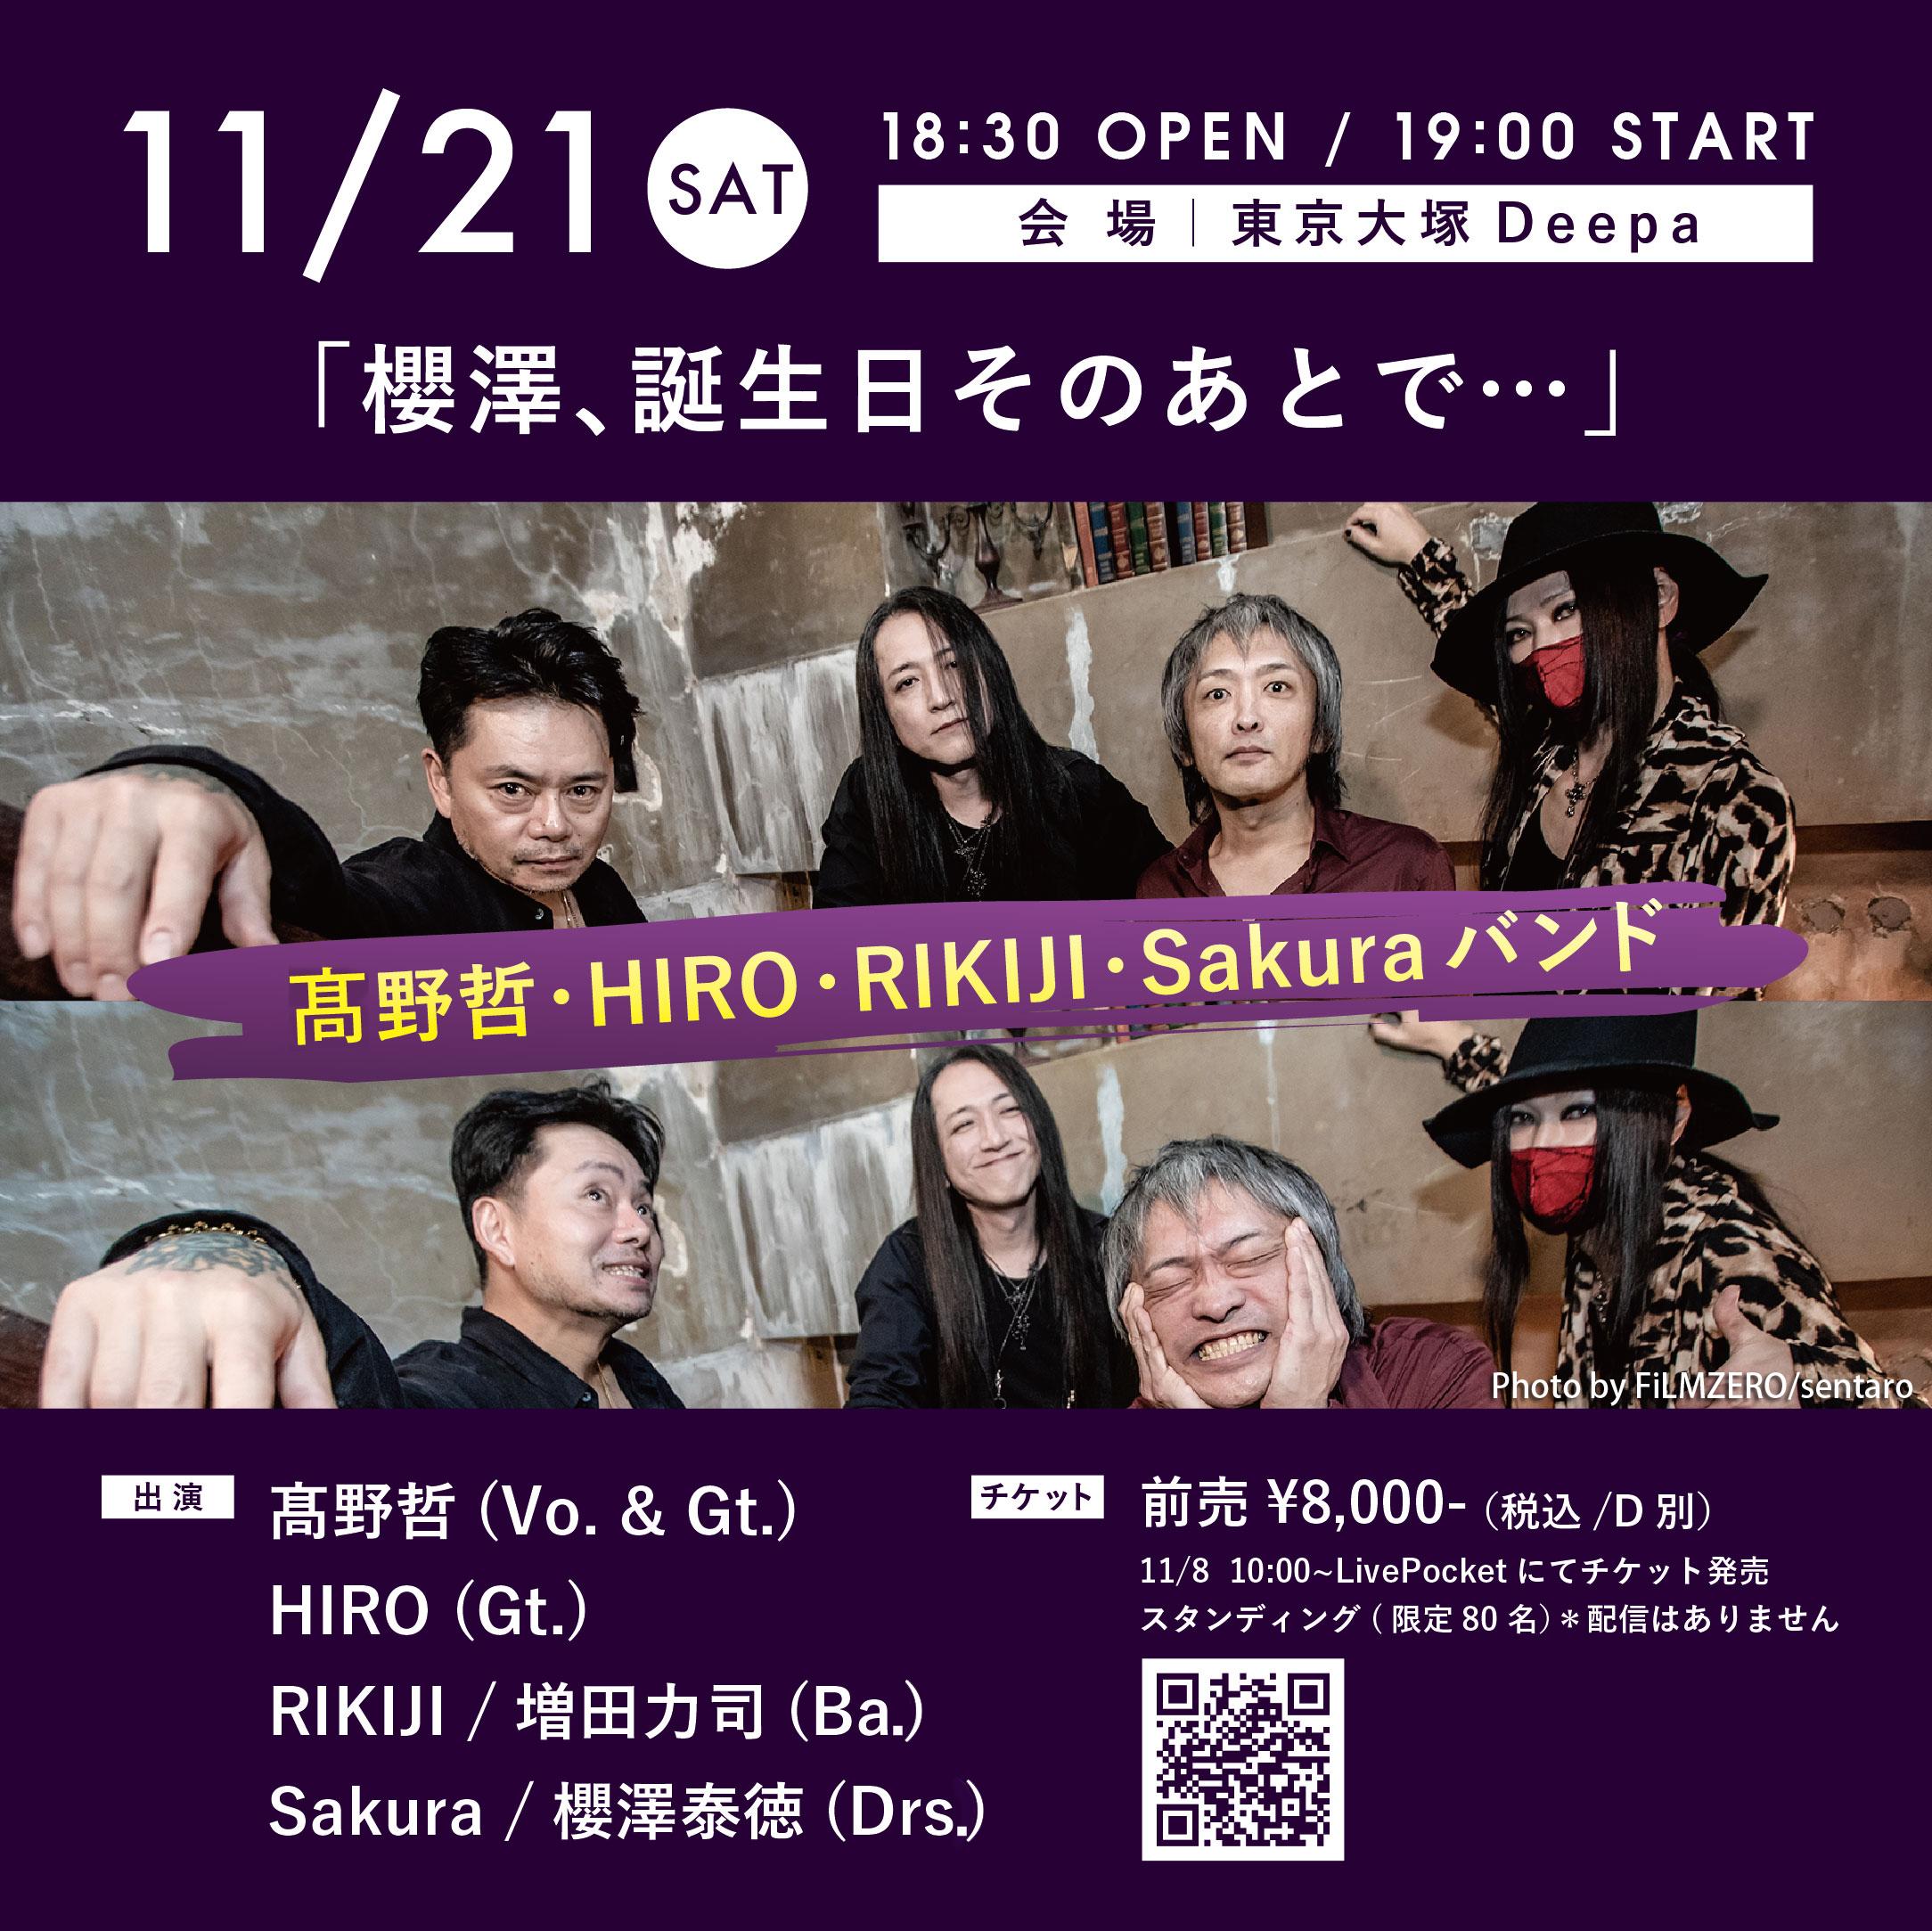 「櫻澤、誕生日そのあとで…」高野哲・HIRO・RIKIJI・Sakuraバンド